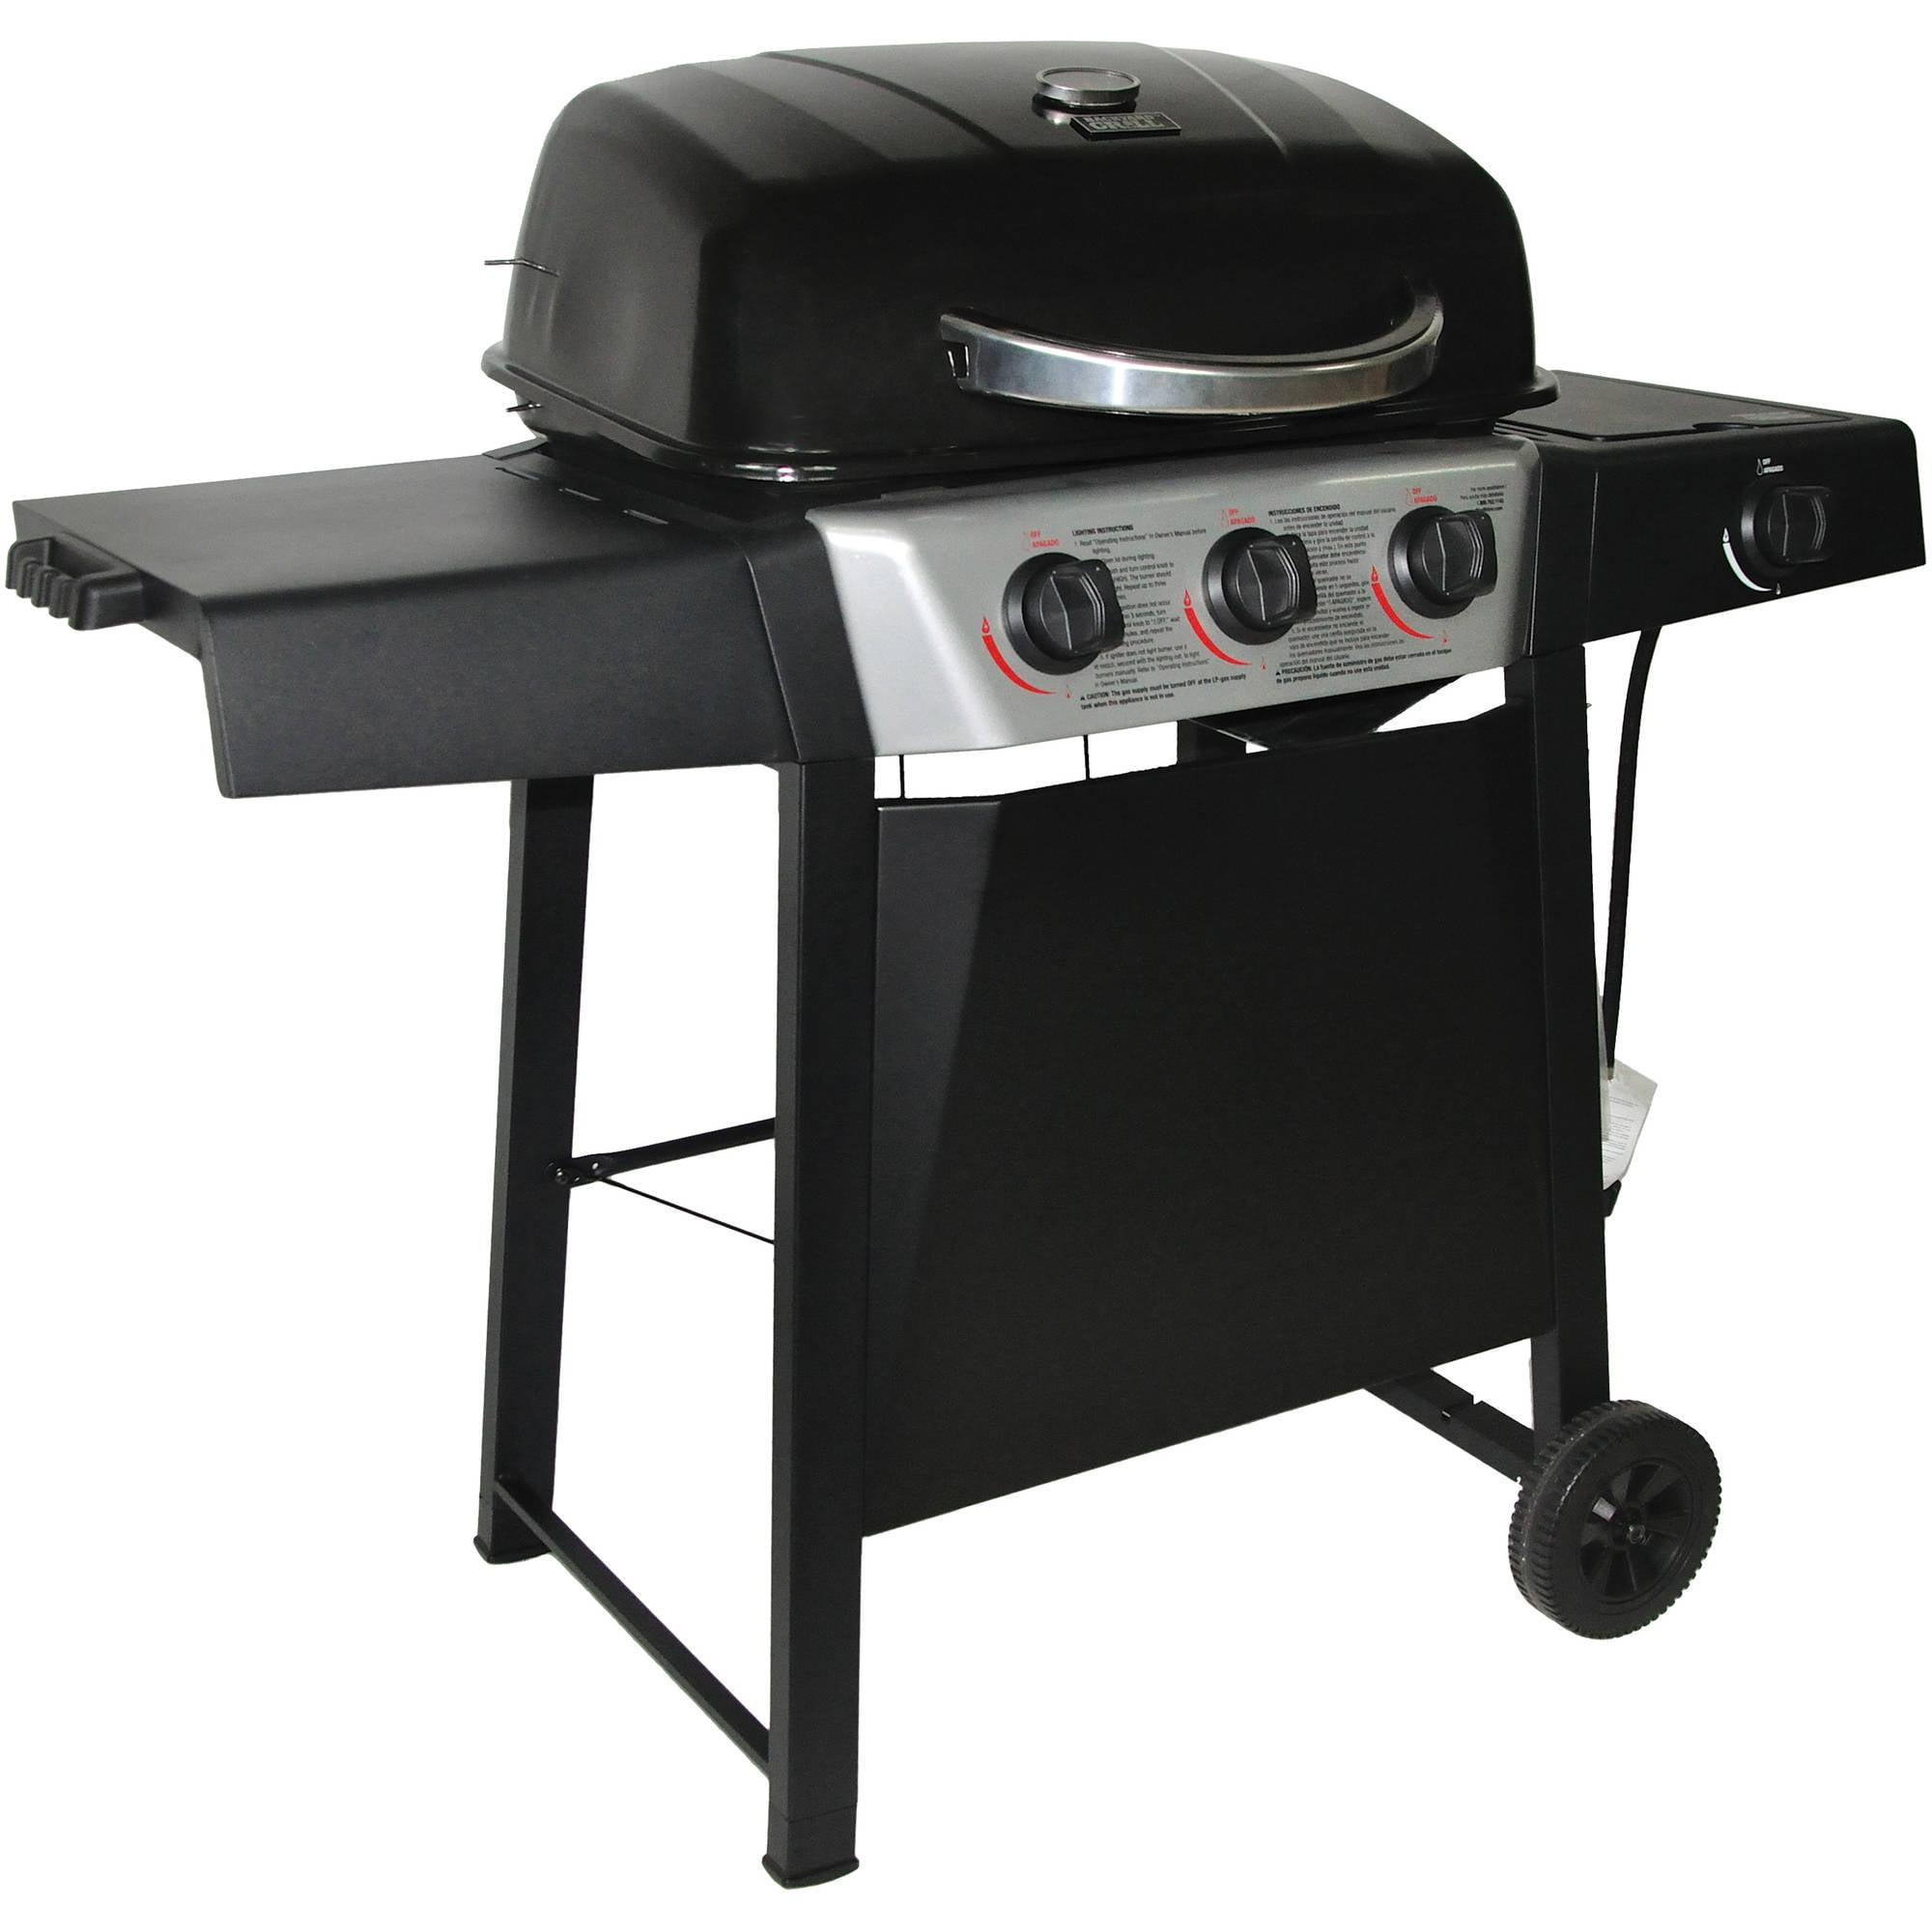 3-Burner Gas Grill with Side Burner